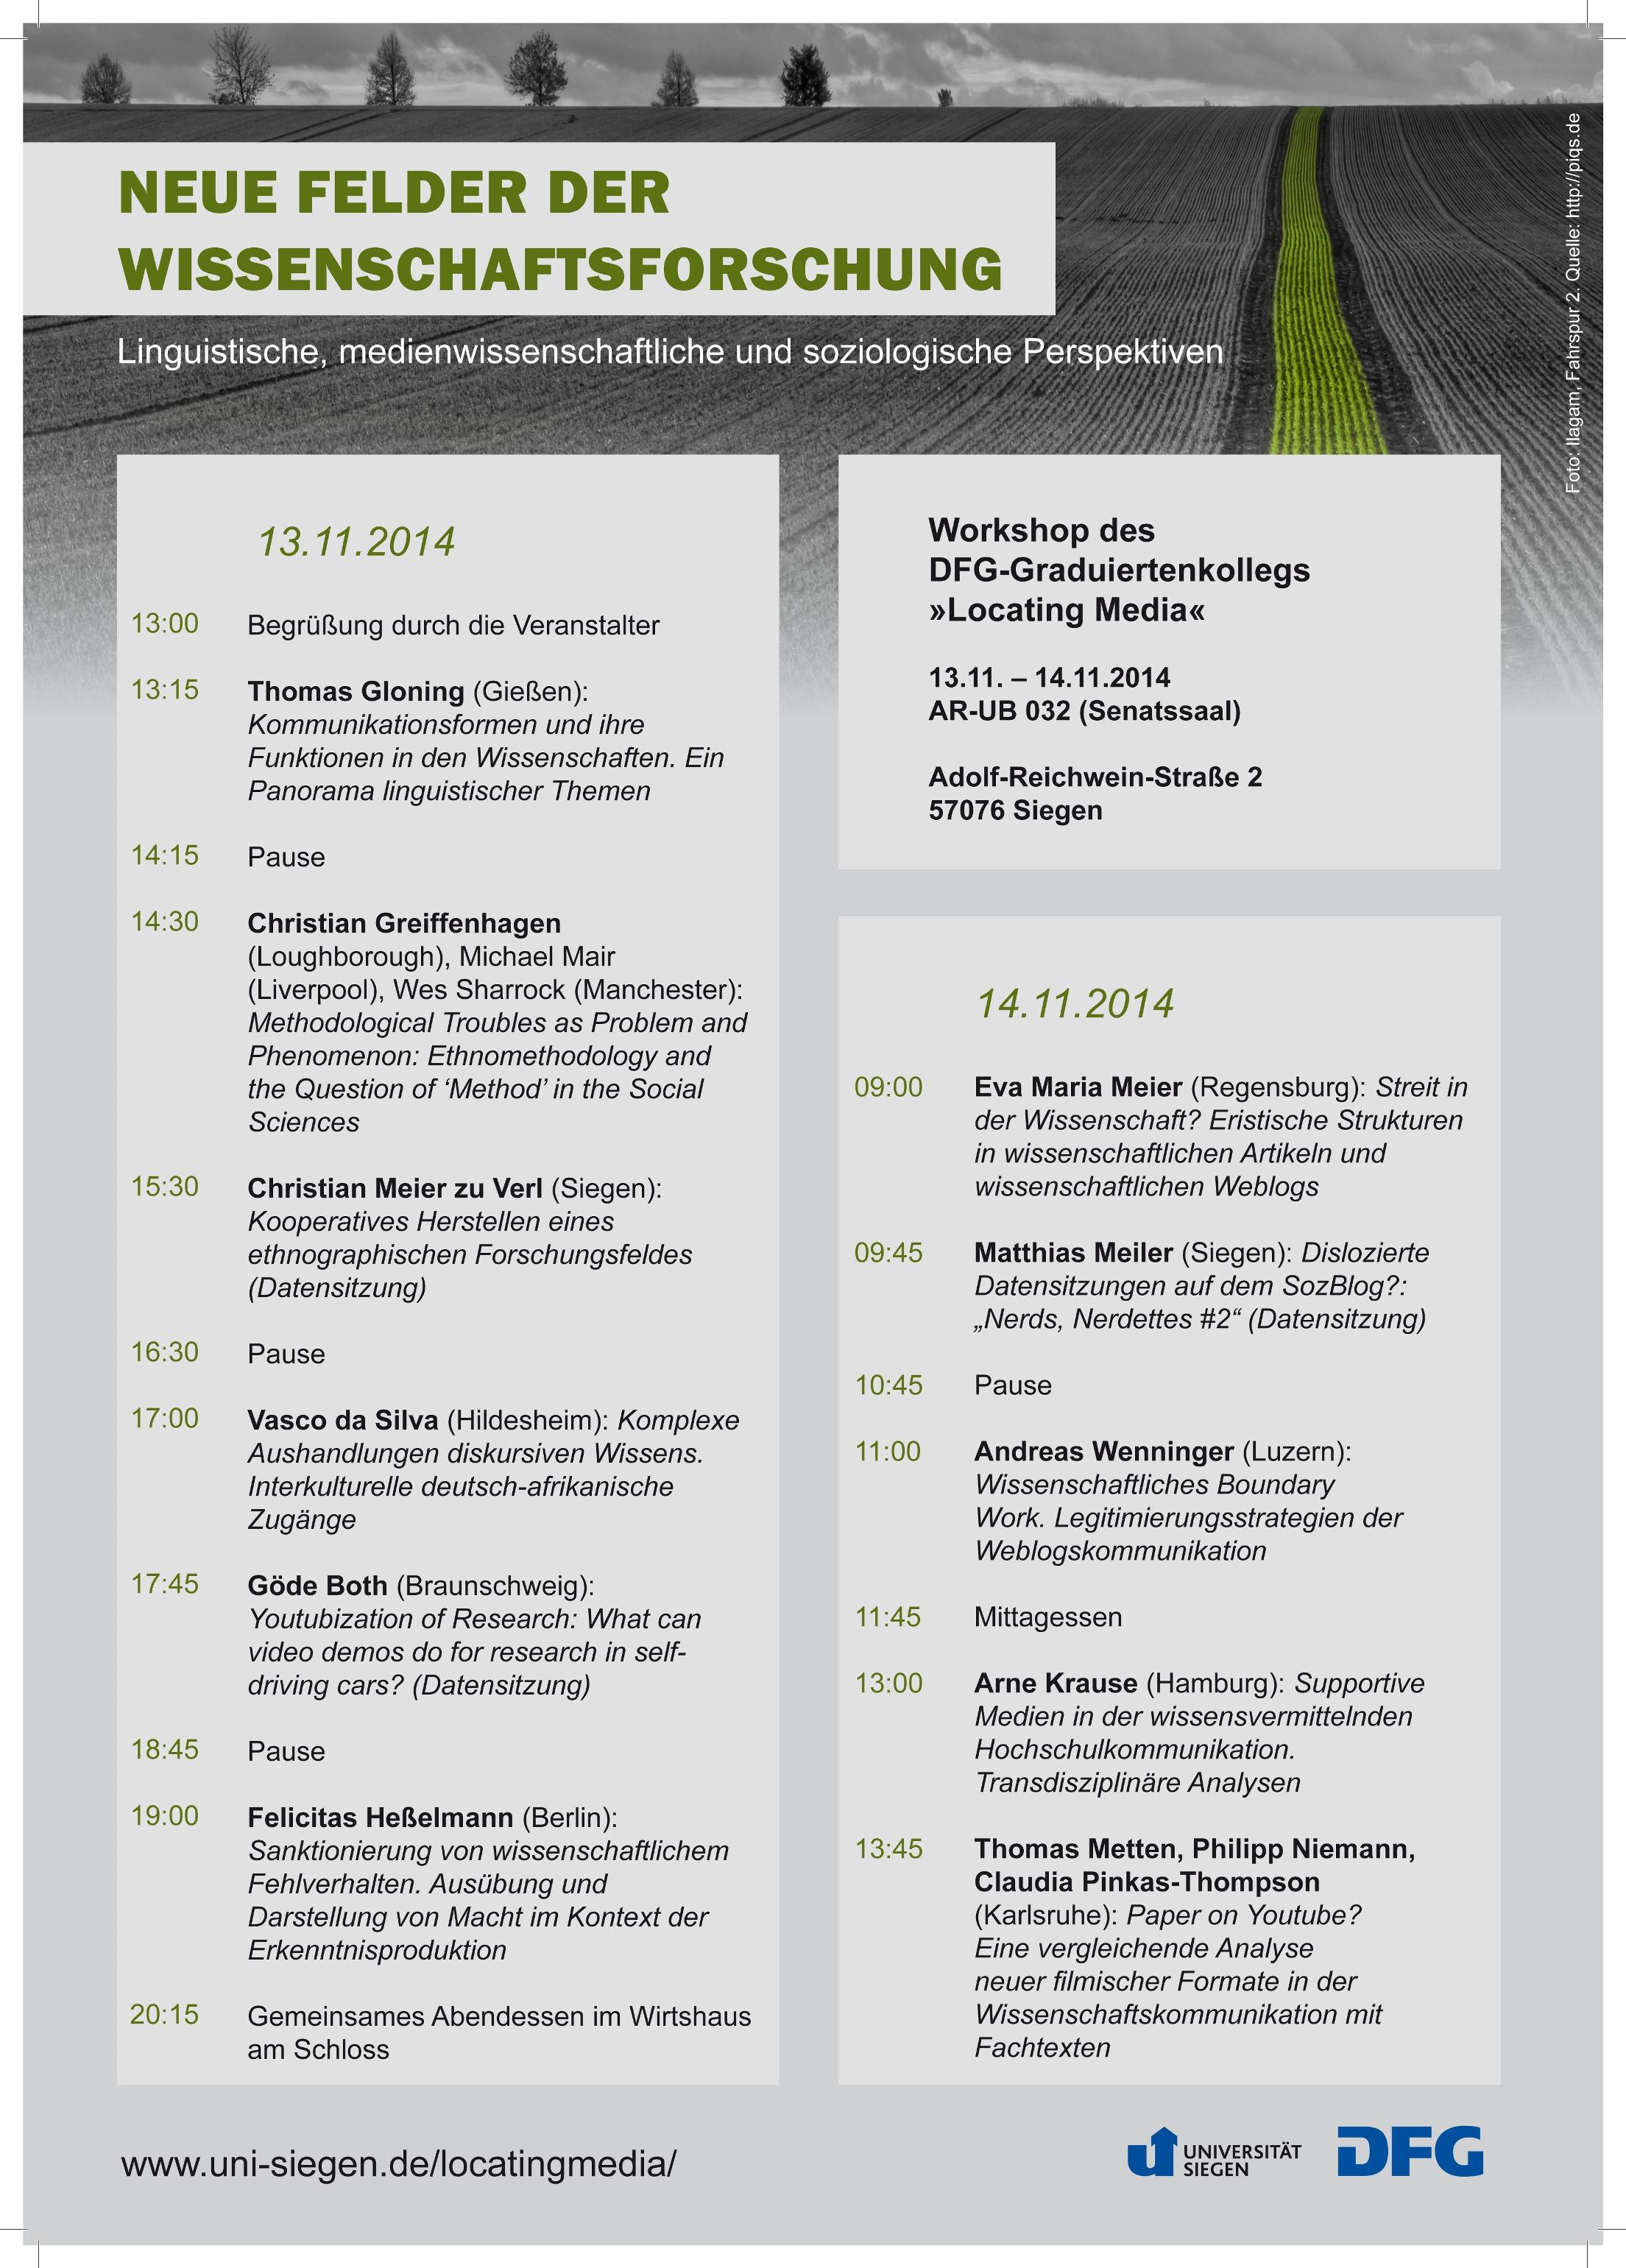 Plakat_Neue Felder der Wissenschaftsforschung_kl